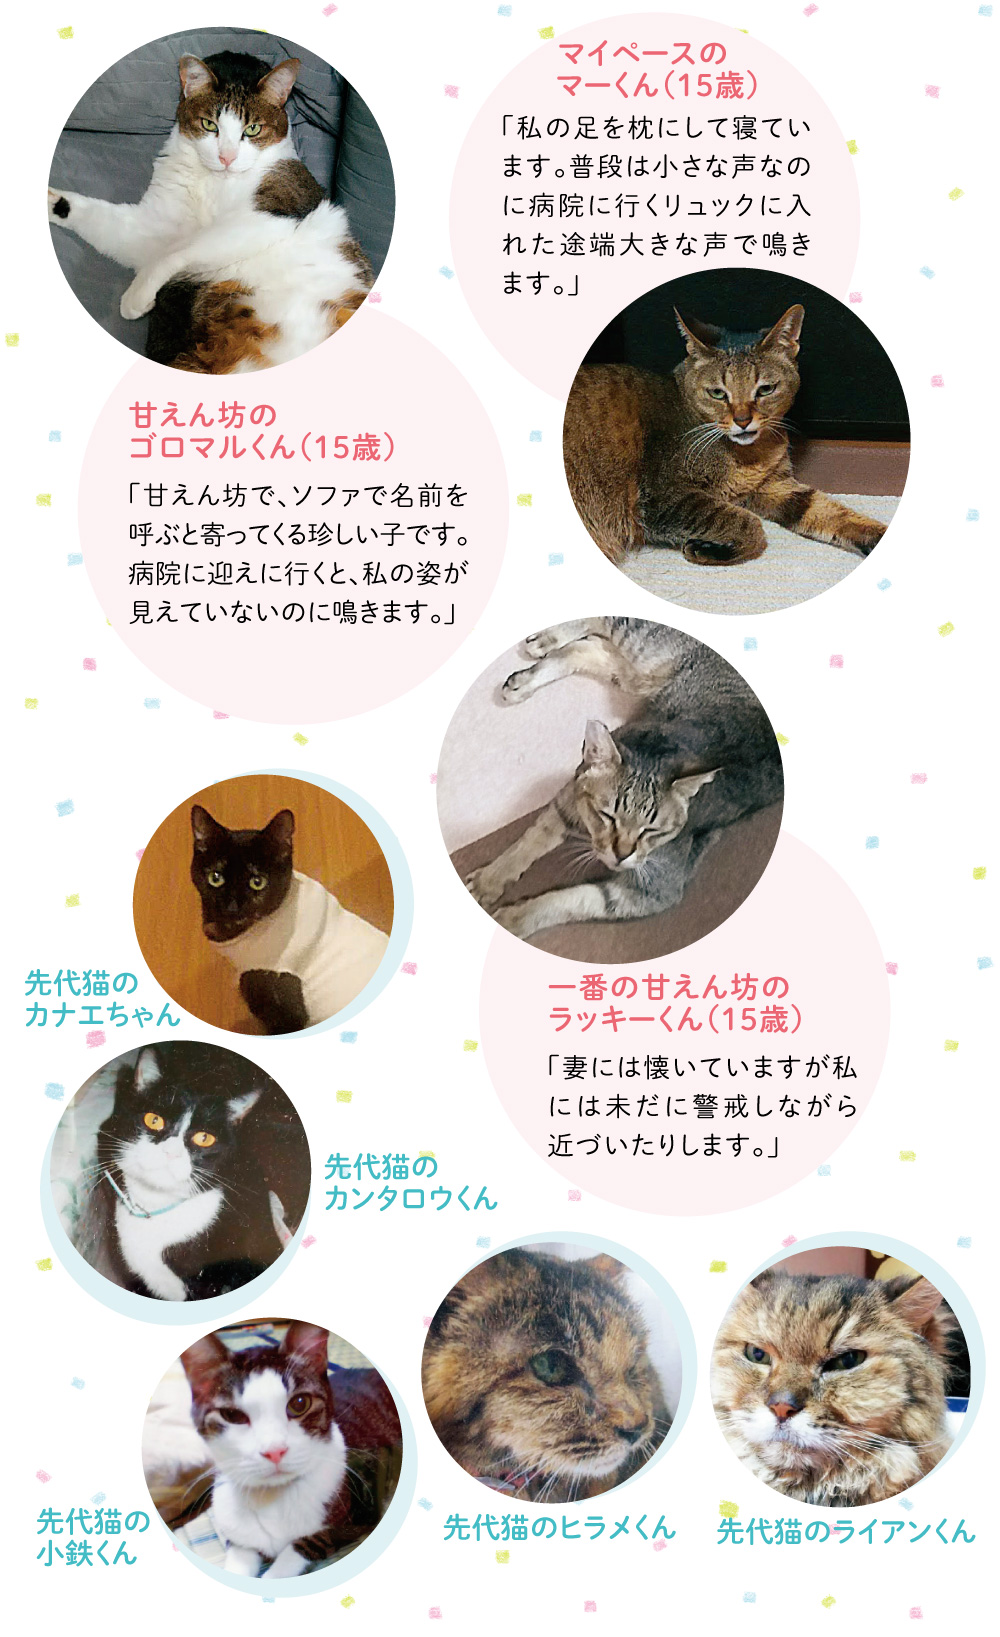 西川さんのご家族をご紹介